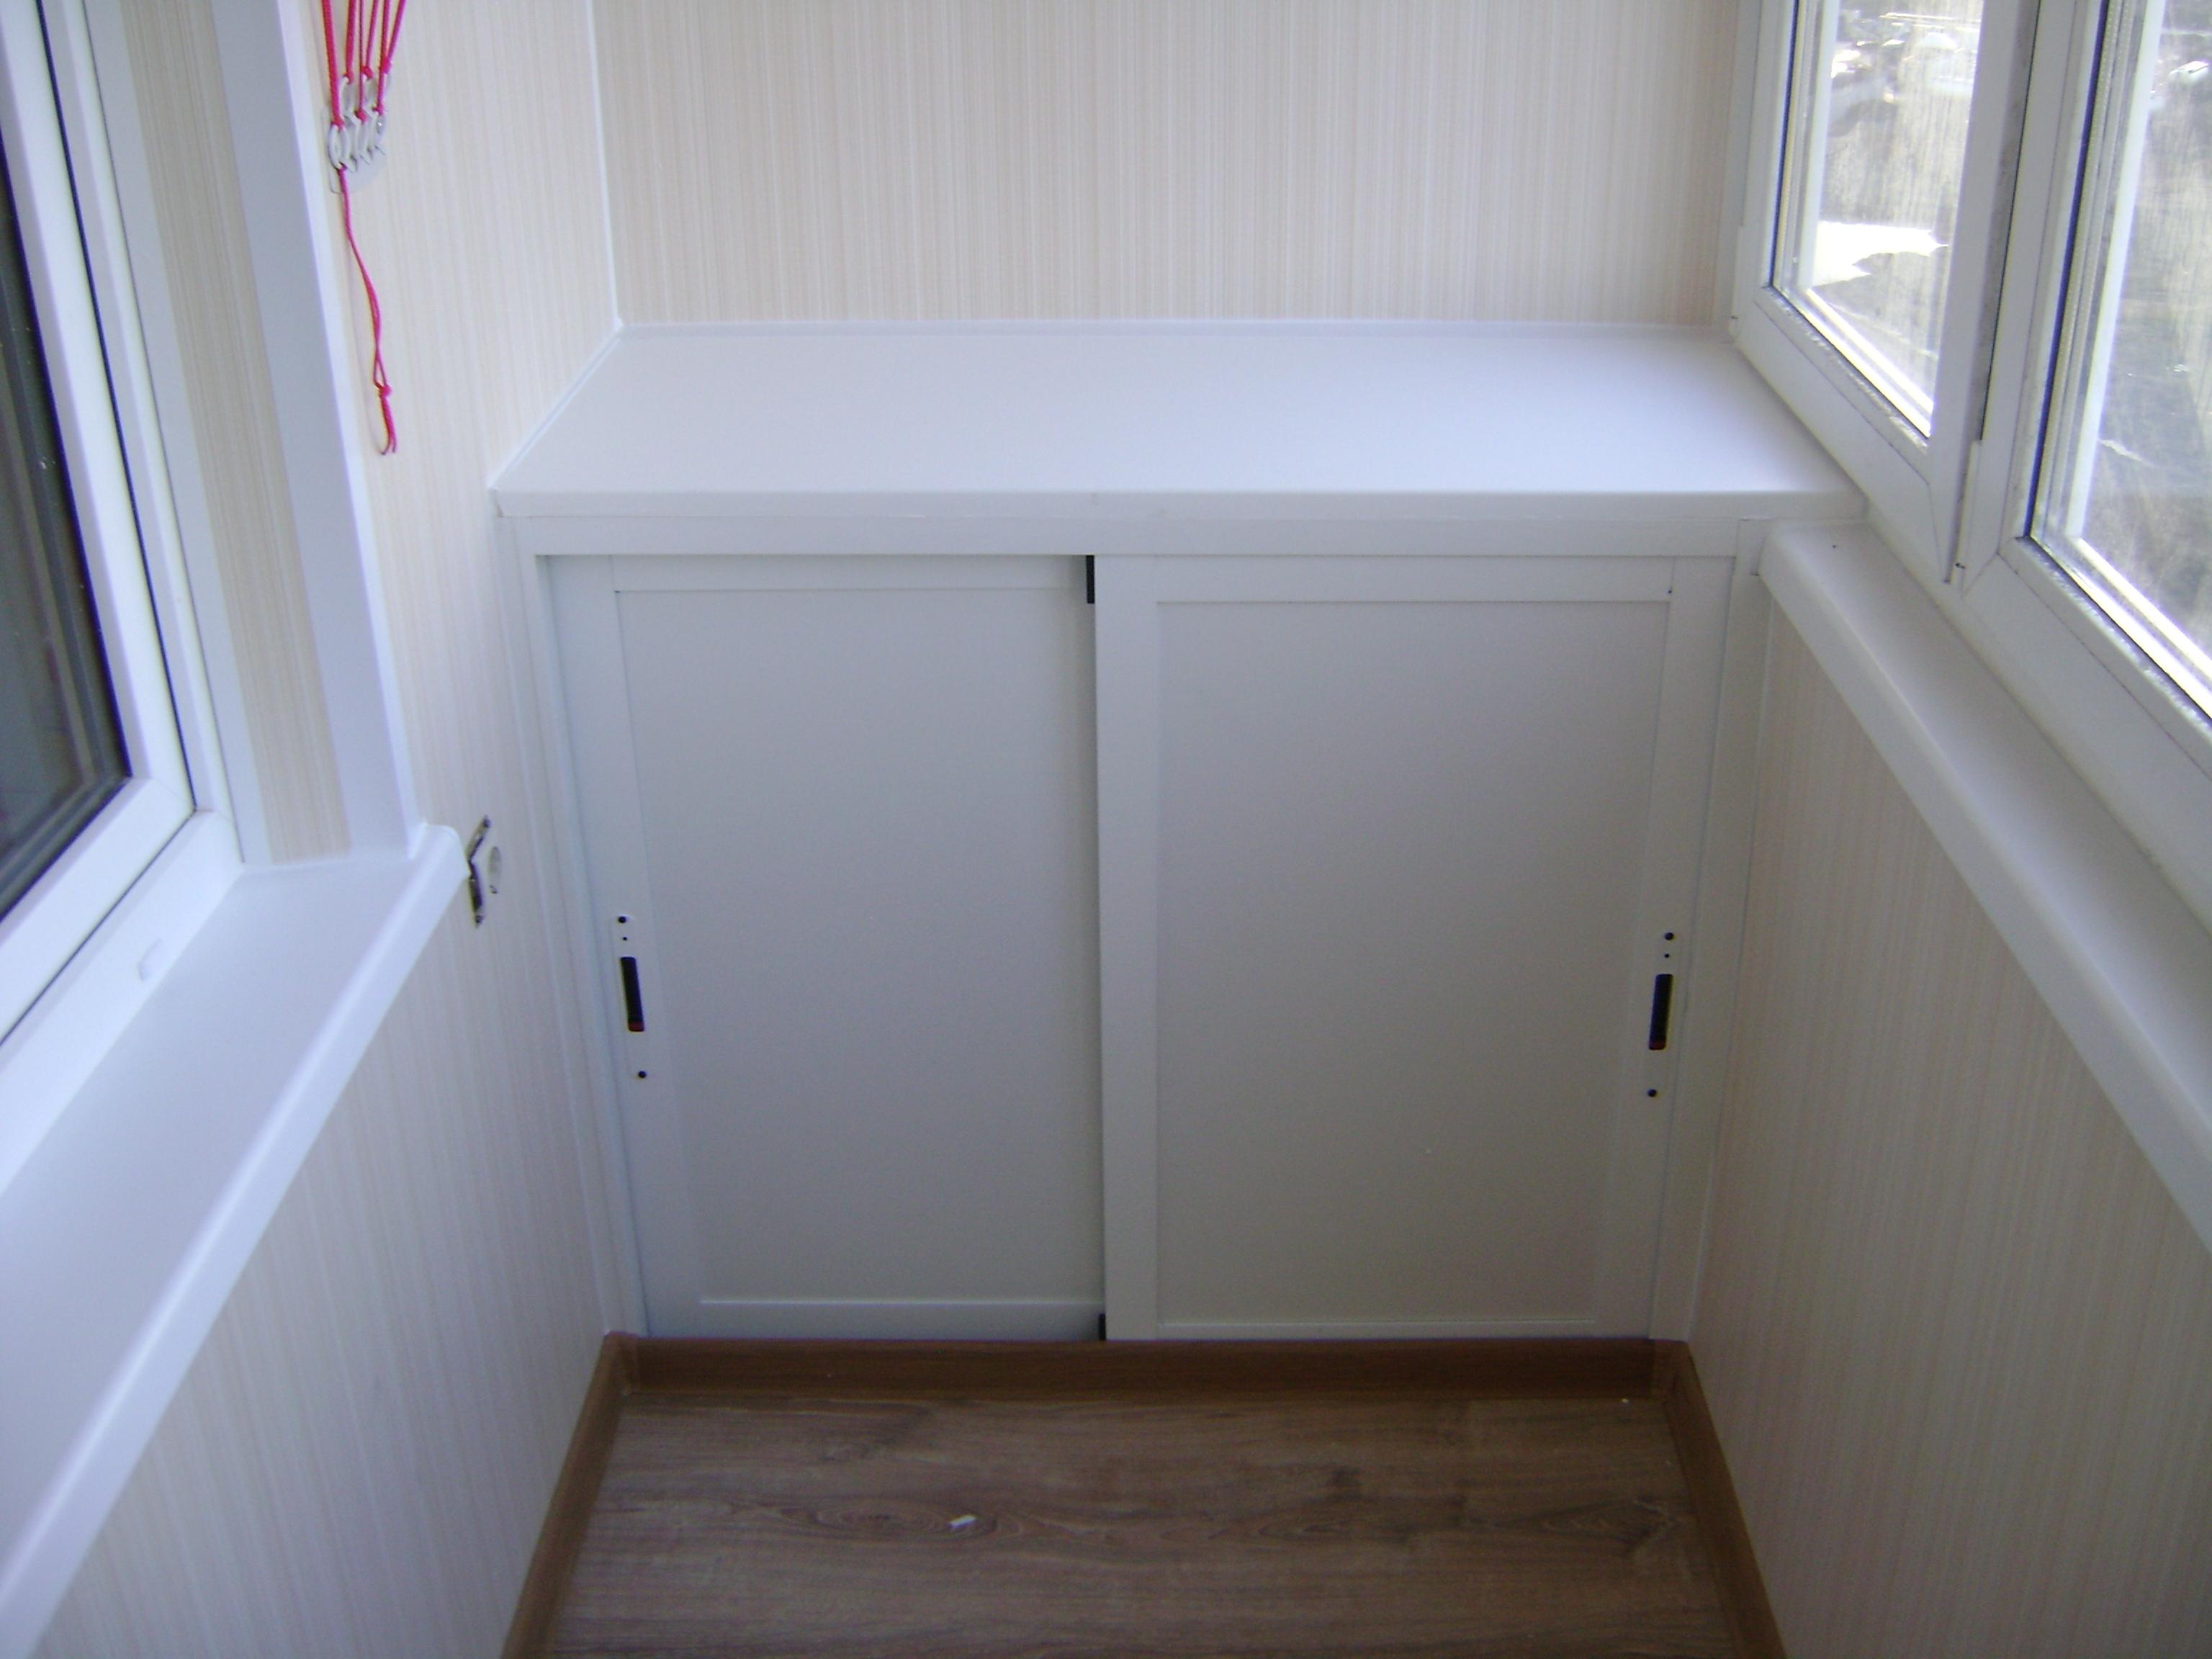 Фото обшитых балконов со шкафами..